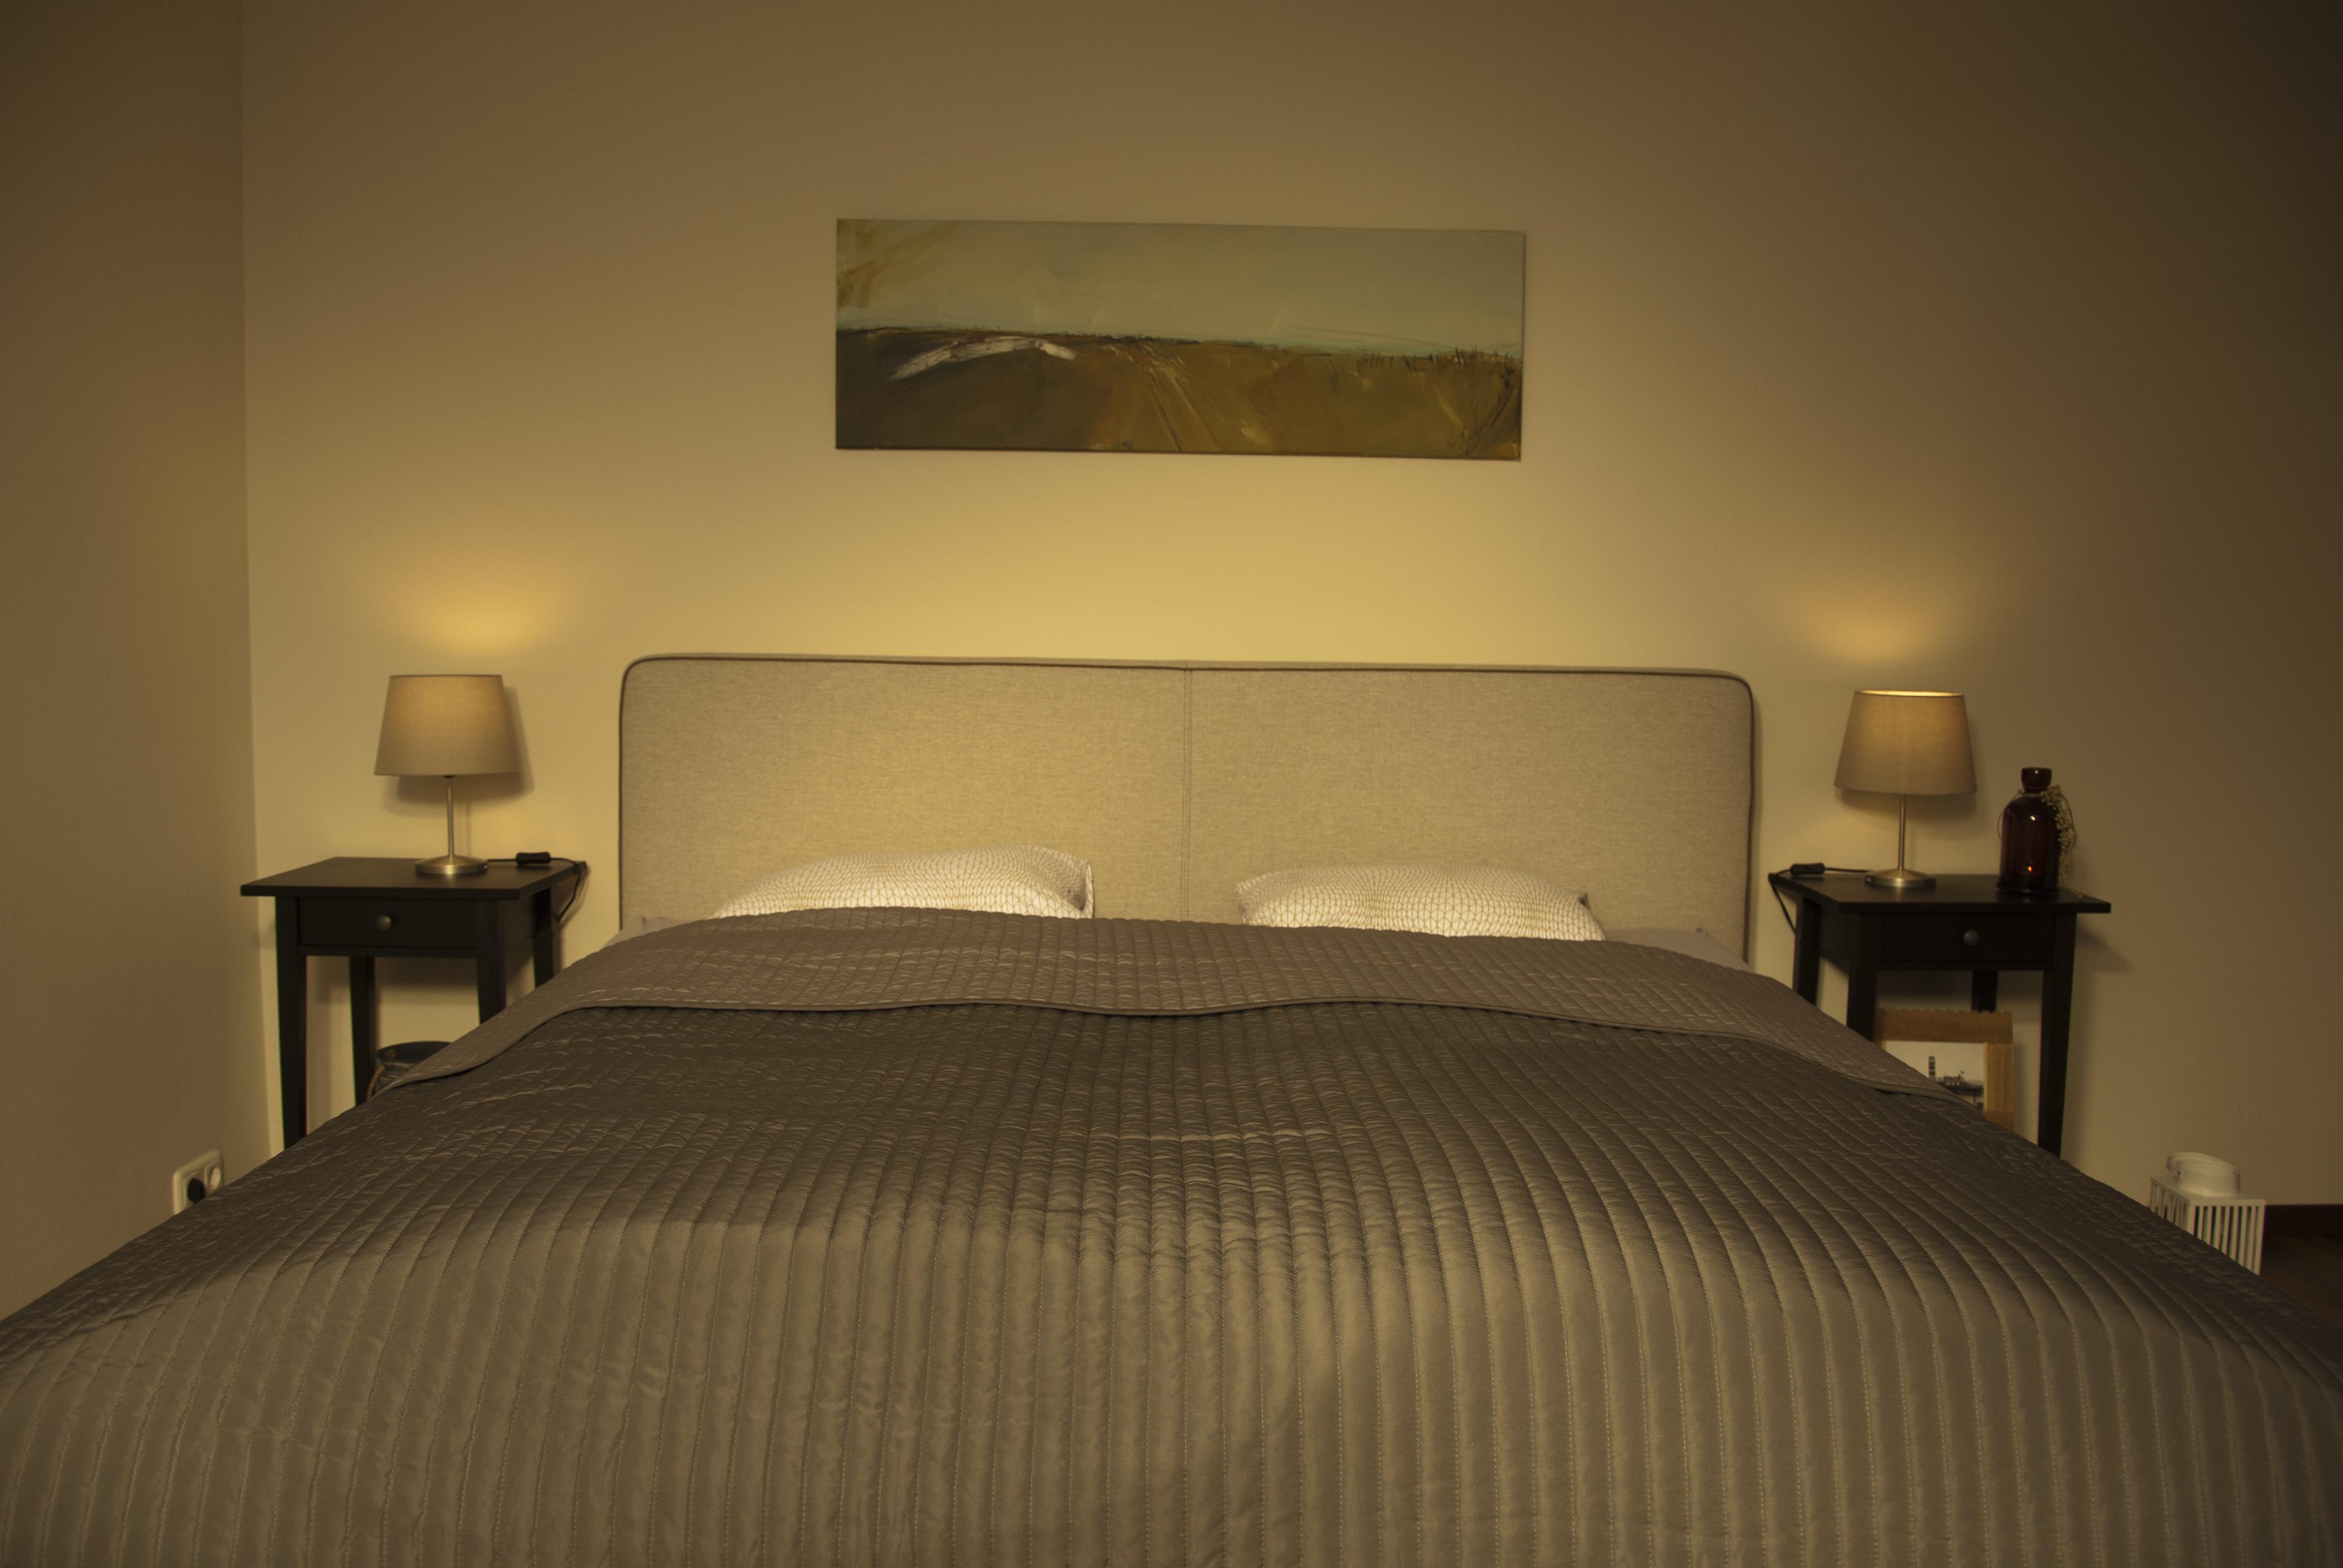 schlafzimmer unten DSC_3258